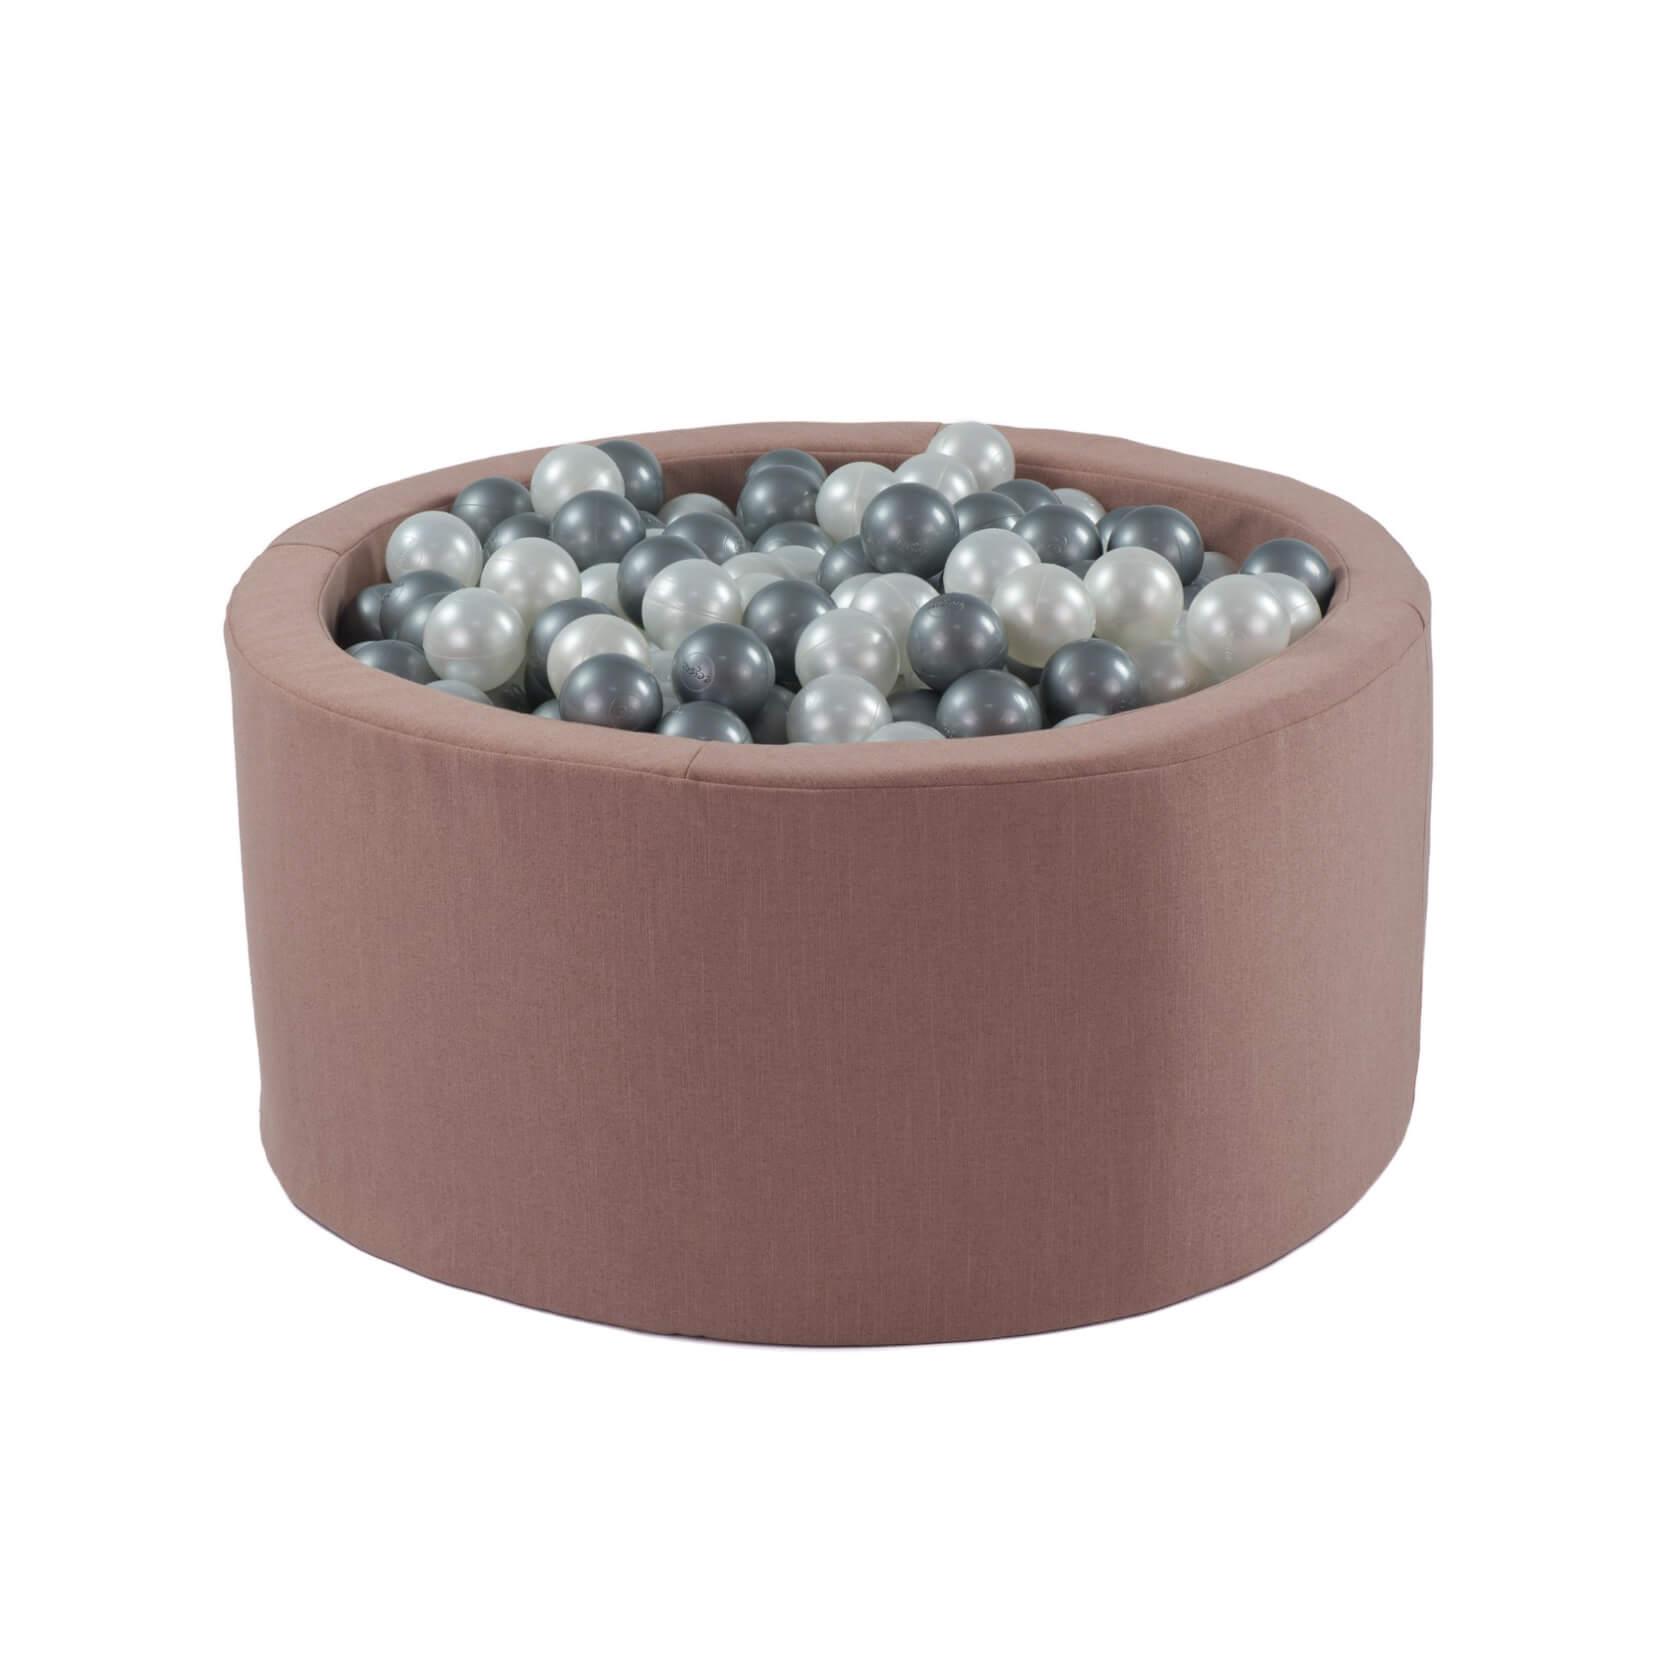 Dry Ball Pool Eco